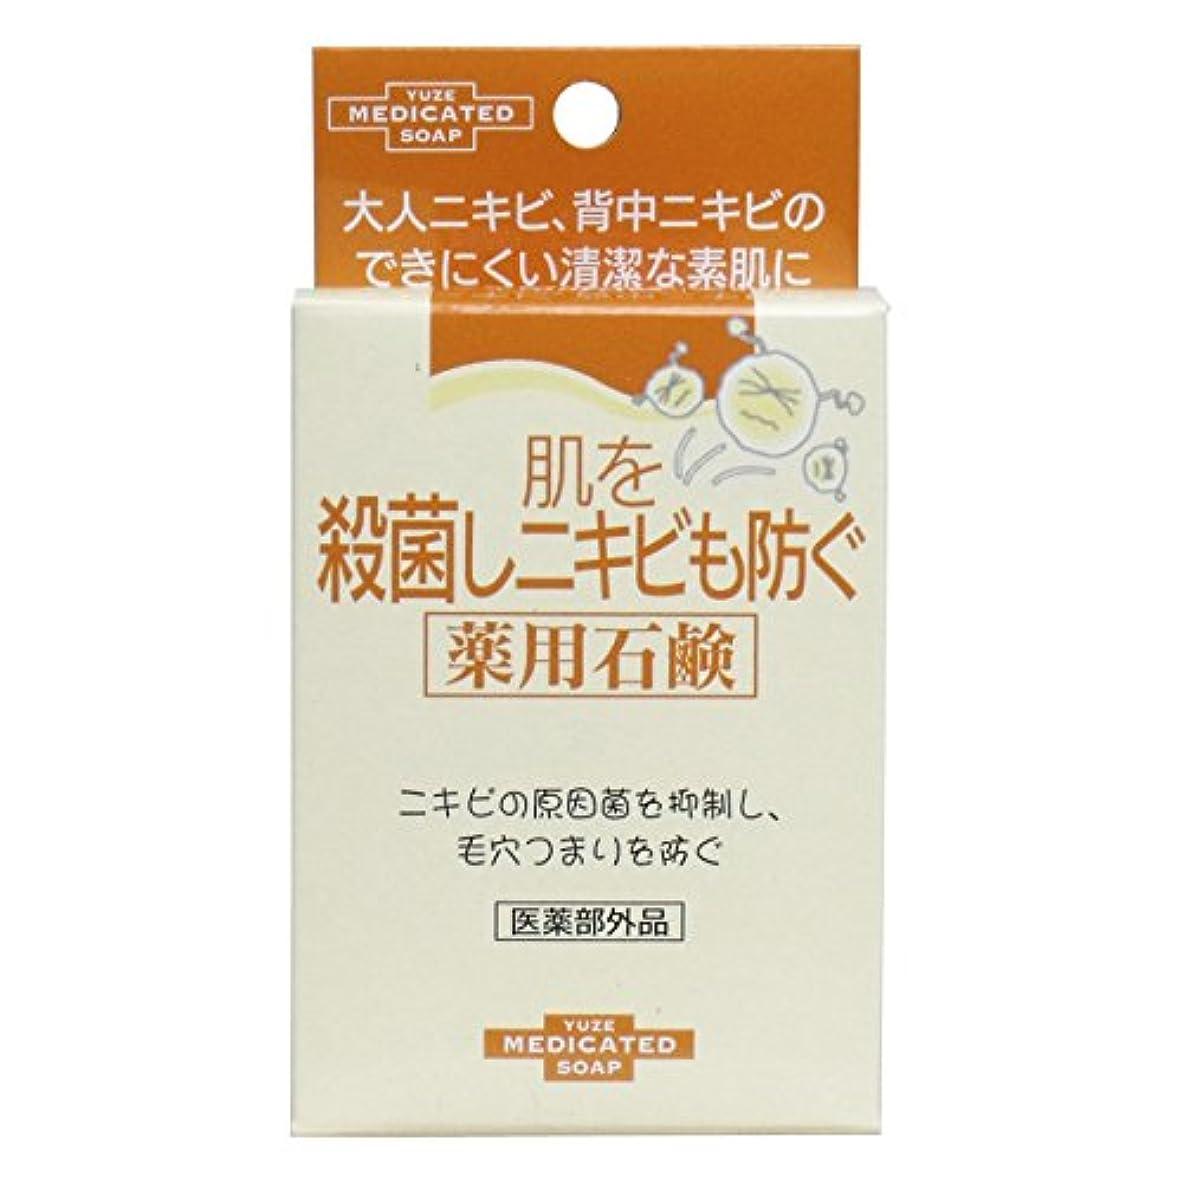 嵐の鬼ごっこポンプユゼ 肌を殺菌しニキビも防ぐ薬用石鹸 (110g)